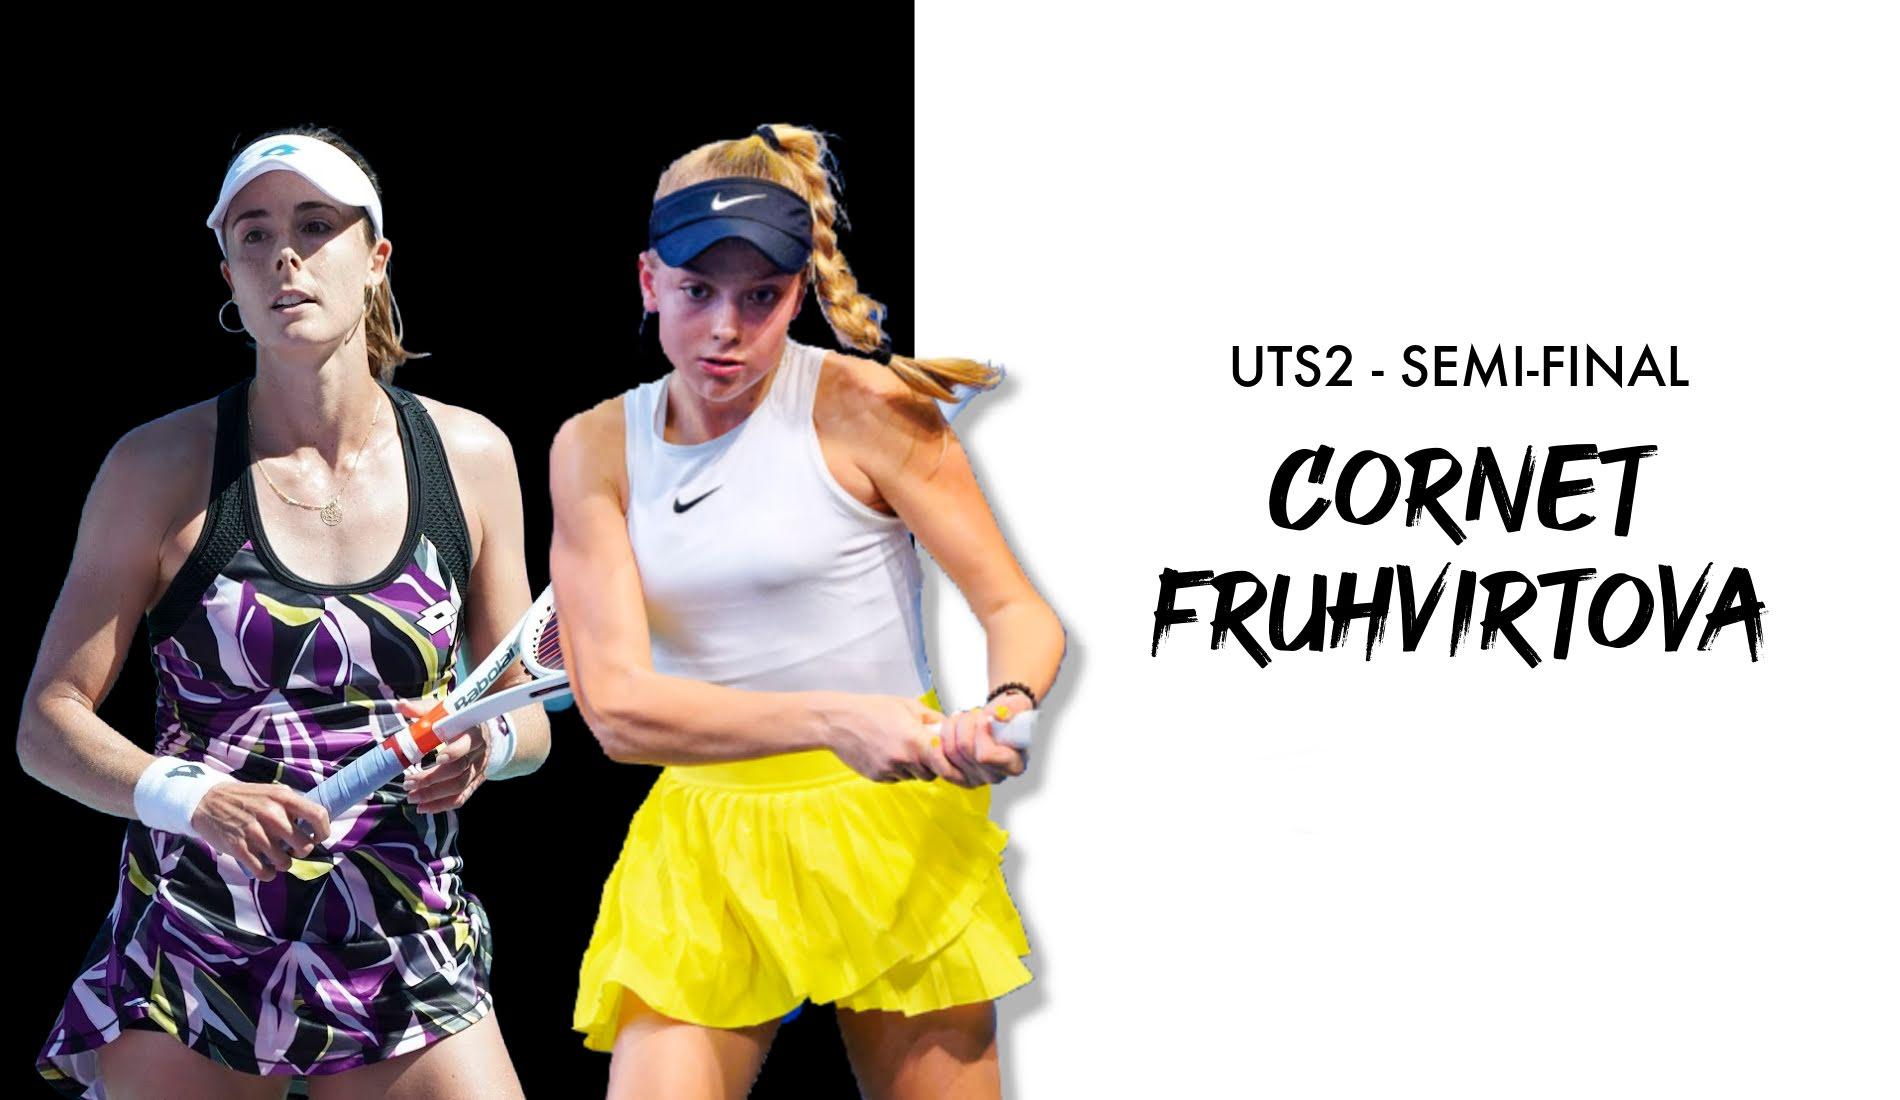 UTS2 - Day 3: Alizé Cornet vs Brenda Fruhvirtova